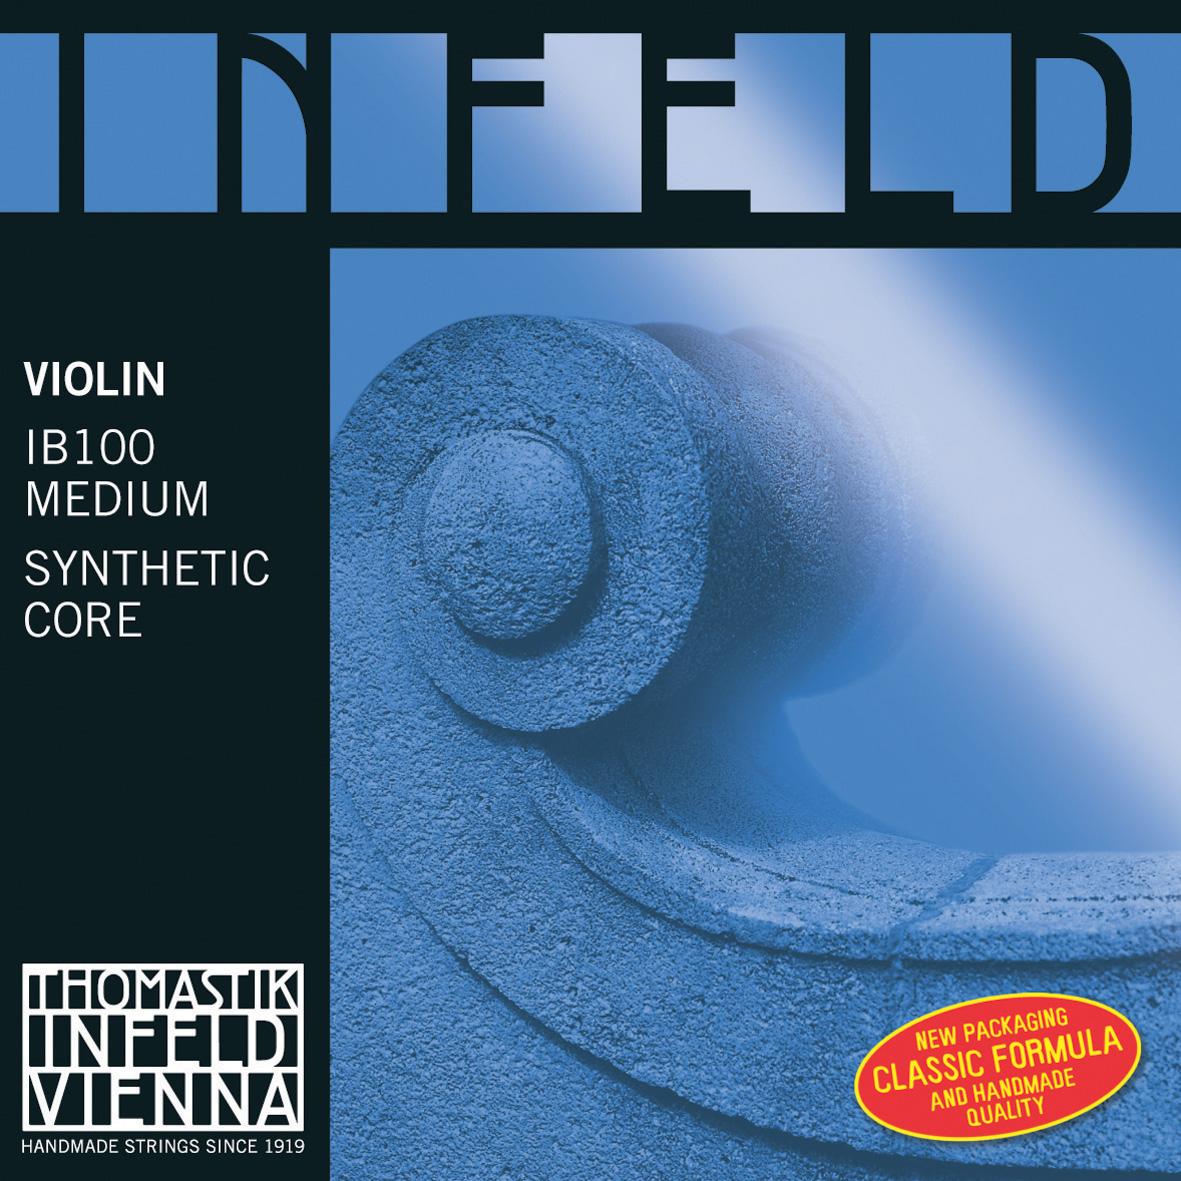 Infeld-Blue-strings